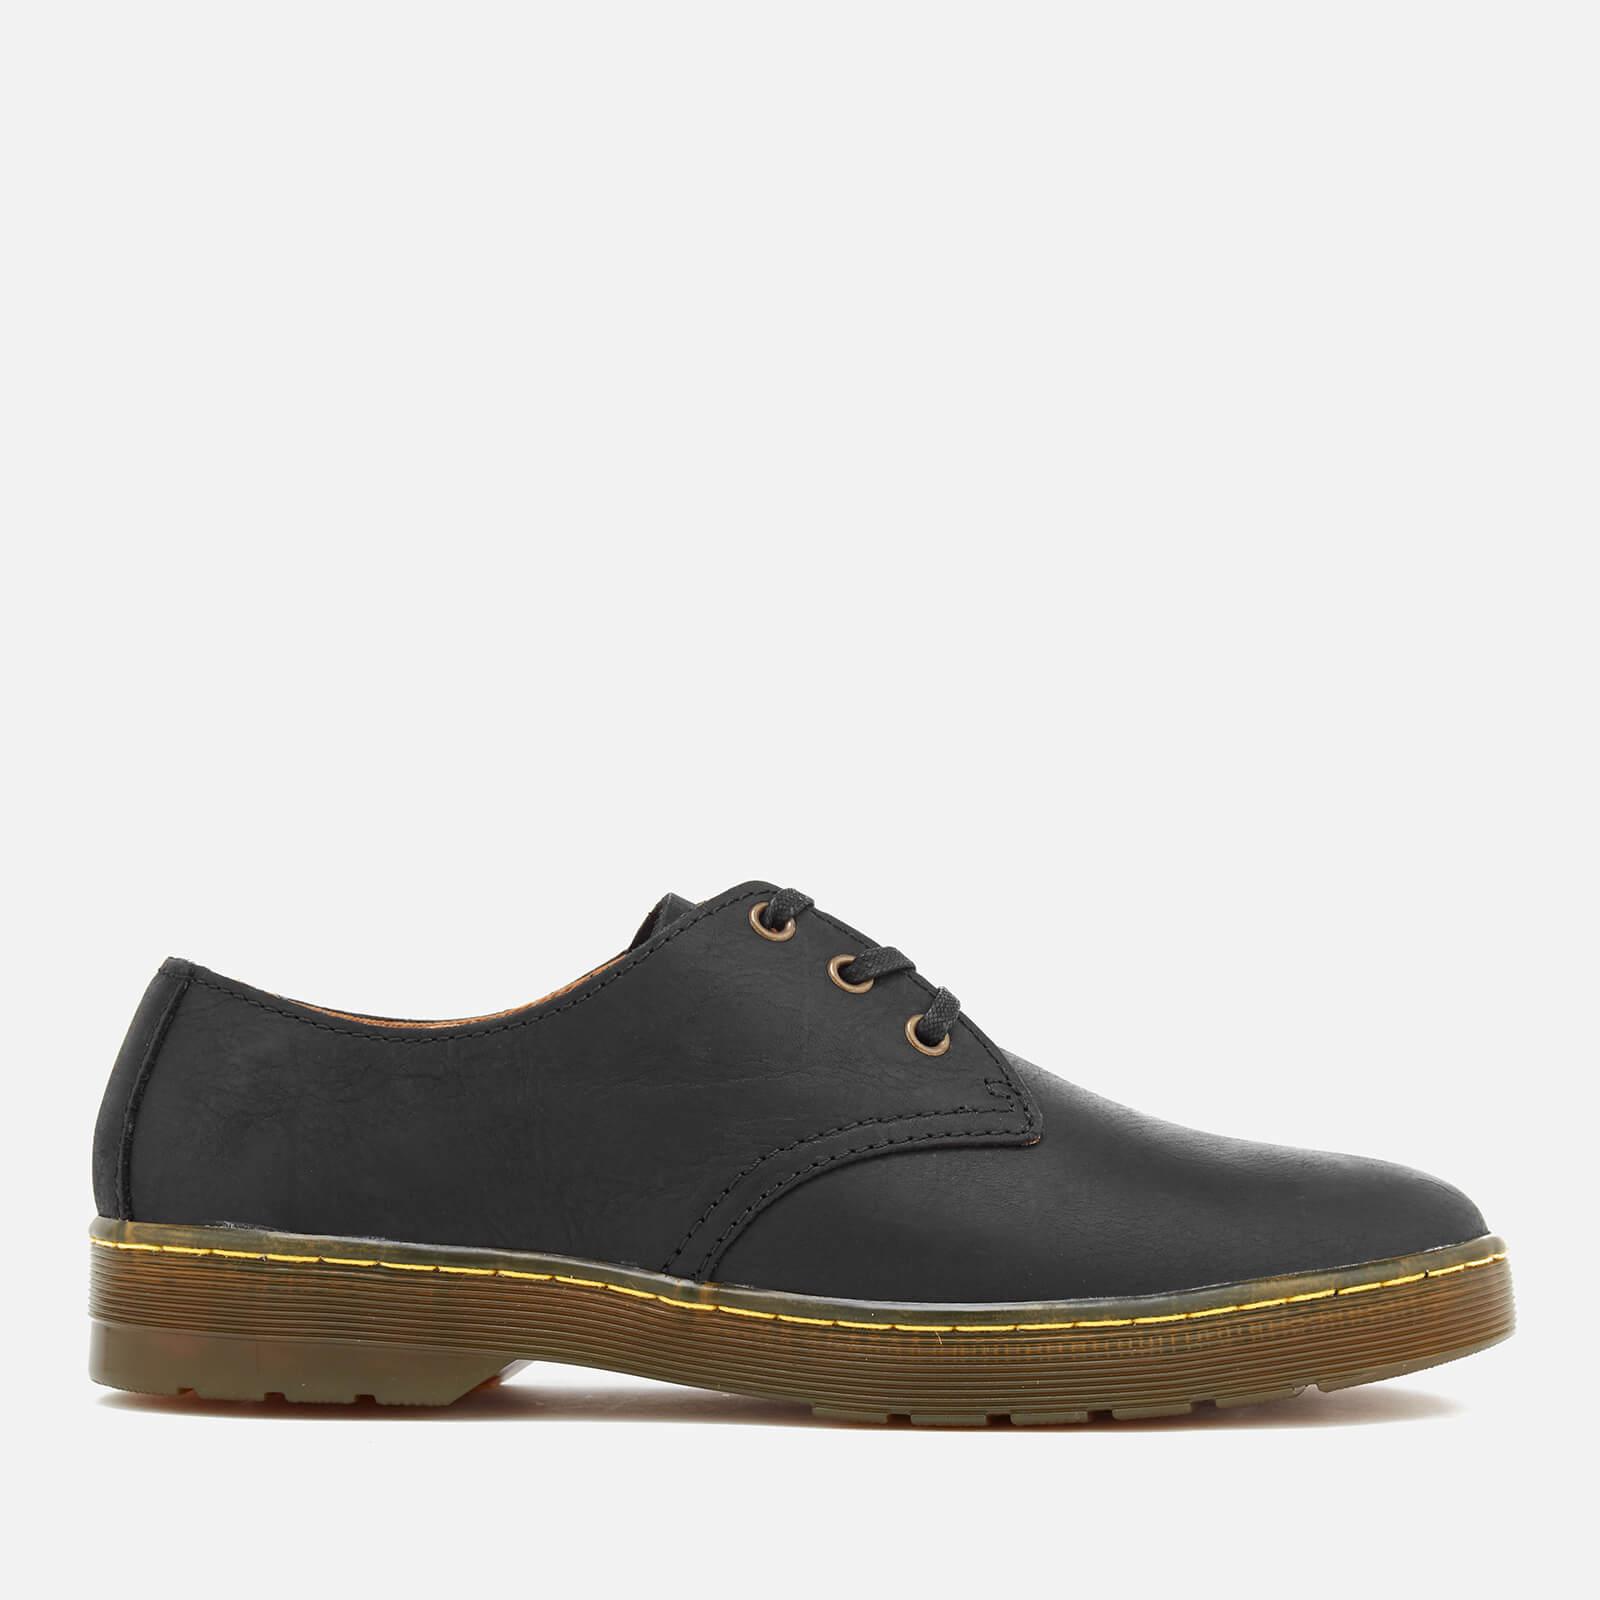 Dr. Martens Men's Cruise Coronado Leather Derby Shoes - Black - UK 9 - Black